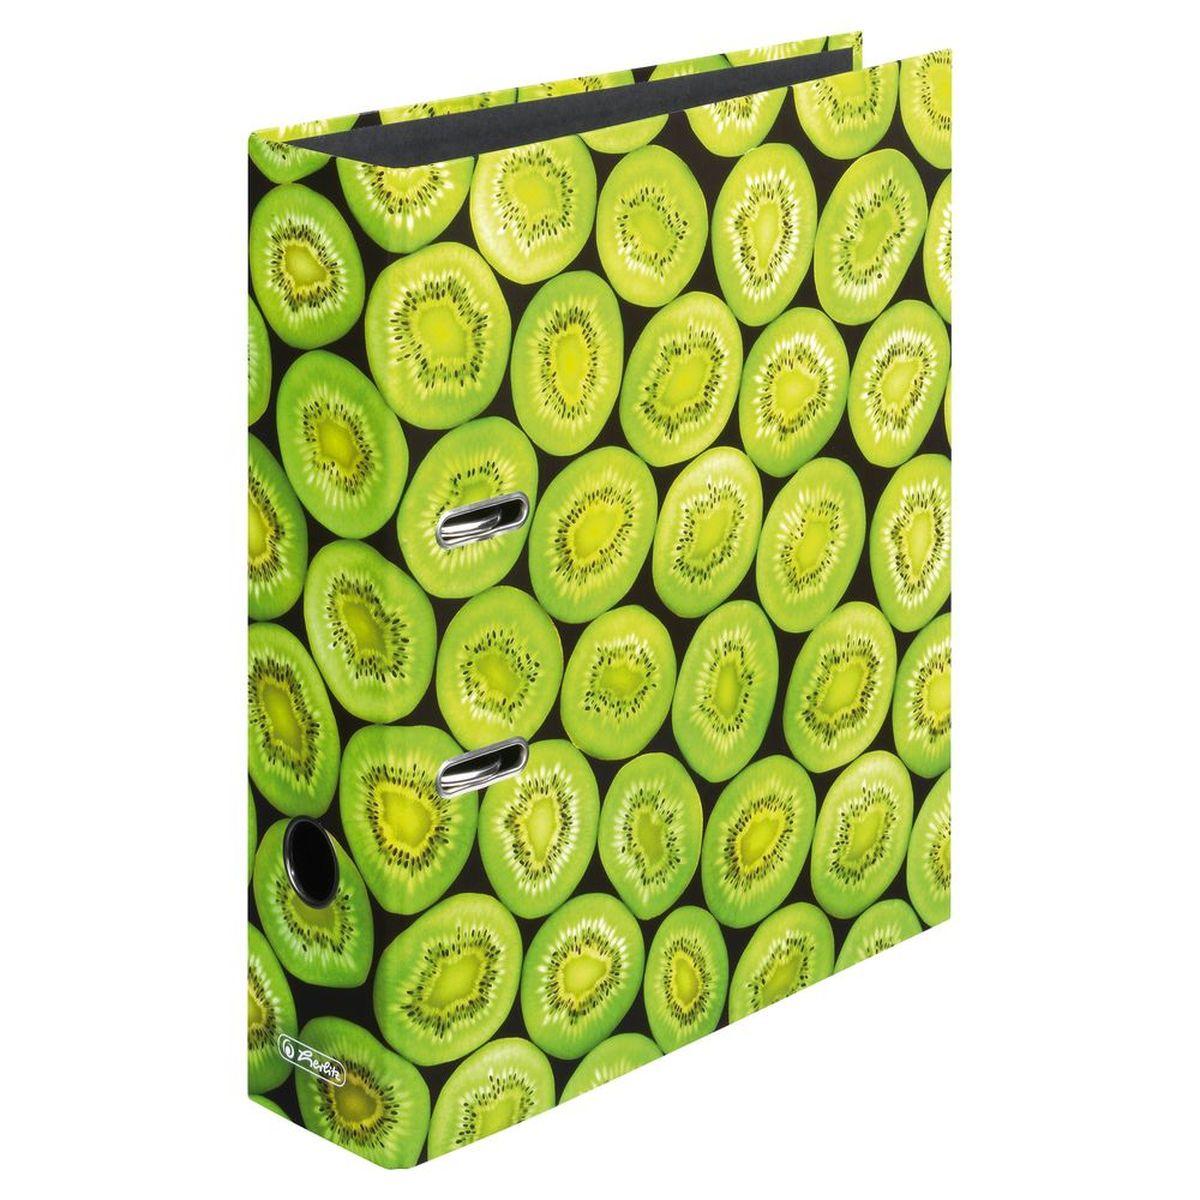 Herlitz Папка-регистратор MaX.file Киви80101_зеленыйПрактичная папка-регистратор Herlitz maX.file Киви предназначена для хранения больших объемов документов. Ее обложка выполнена из ламинированного картона. Папка оснащена прочным арочным механизмом улучшенного высокого качества с увеличенной прижимной силой. Основа папки изготовлена из прочного FSC-сертифицированного картона.Папка-регистратор значительно облегчает делопроизводство. Красочный дизайн позволит ей стать достойным аксессуаром среди ваших канцелярских принадлежностей и будет сохранять даже на полке летнюю атмосферу.